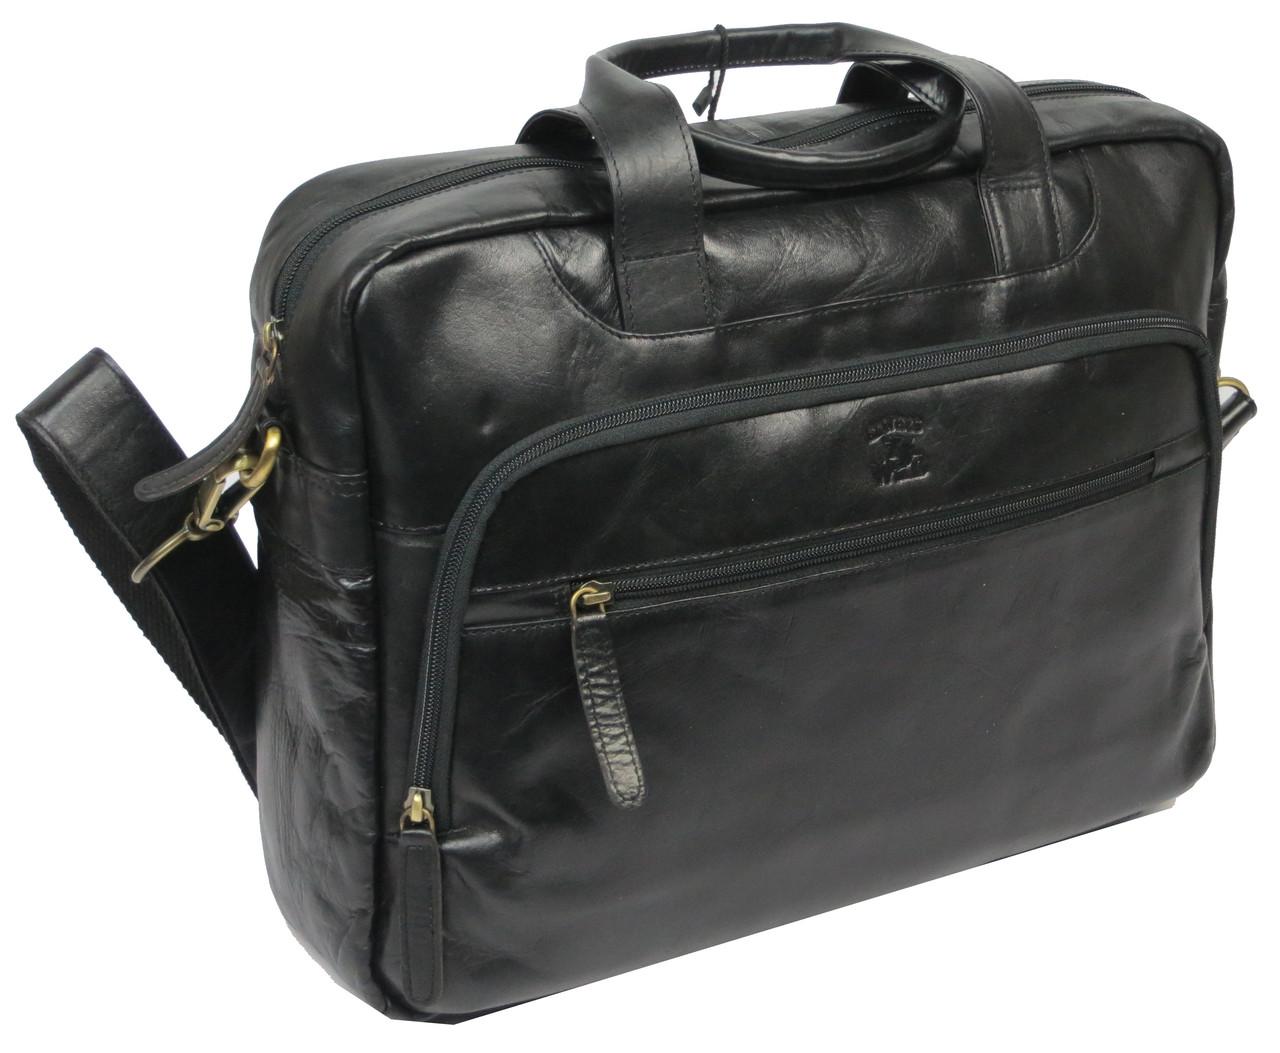 Мужская кожаная сумка-портфель Always Wild LAP 513-31254 черная